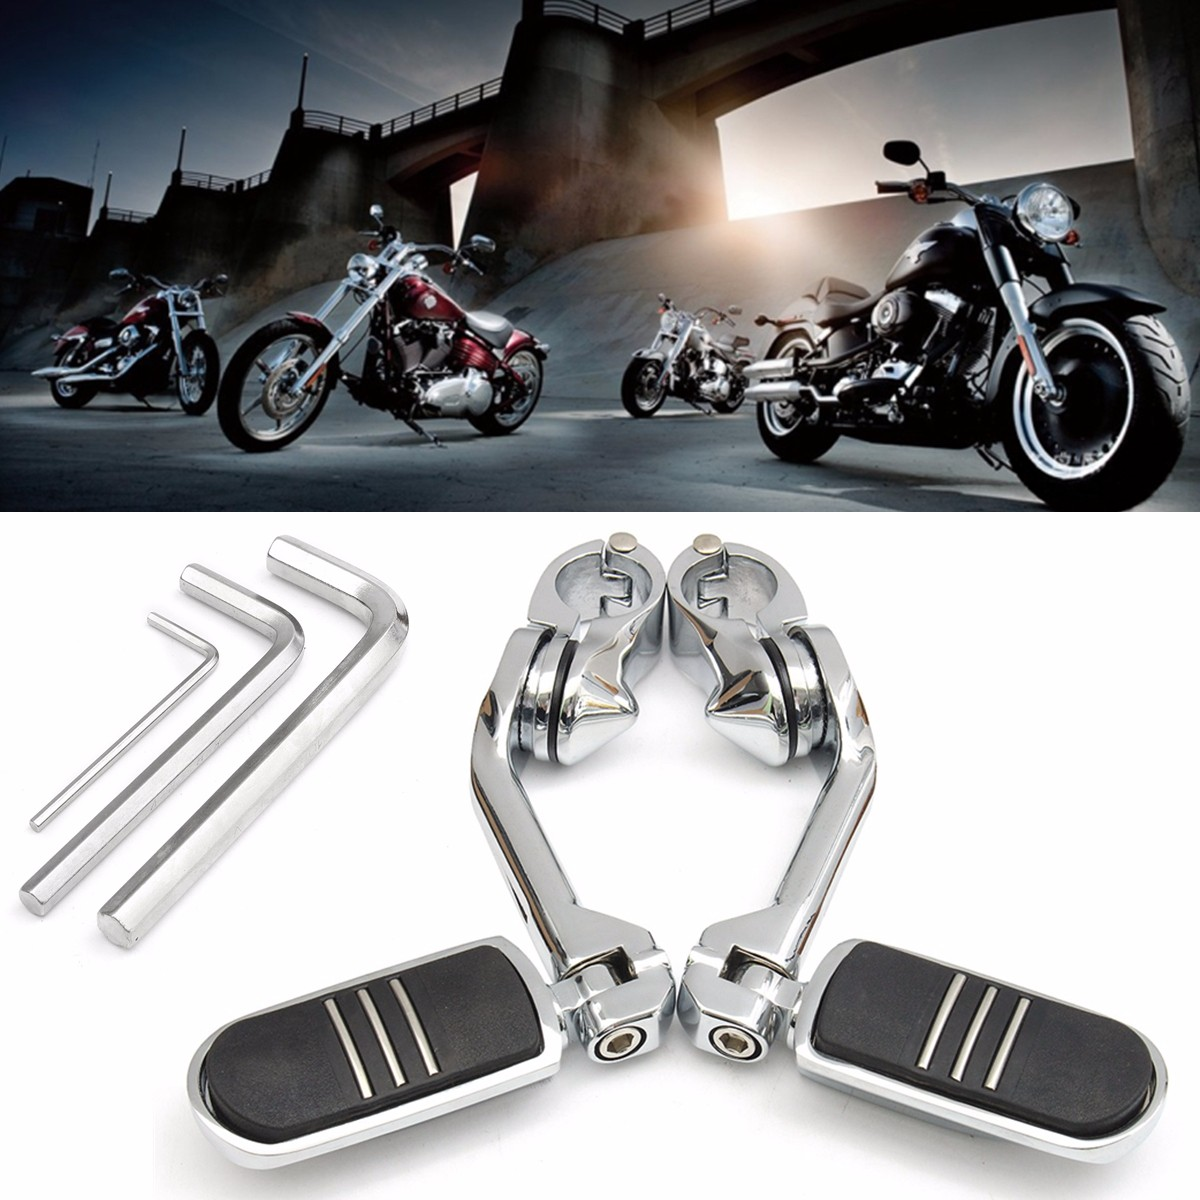 Long Adjustable Chrome Rear Foot Peg Pedals  Footrest Mount For Harley Davidson with 3 Allen Keys 32mm 1.25 Long Adjustable Chrome Rear Foot Peg Pedals  Footrest Mount For Harley Davidson with 3 Allen Keys 32mm 1.25